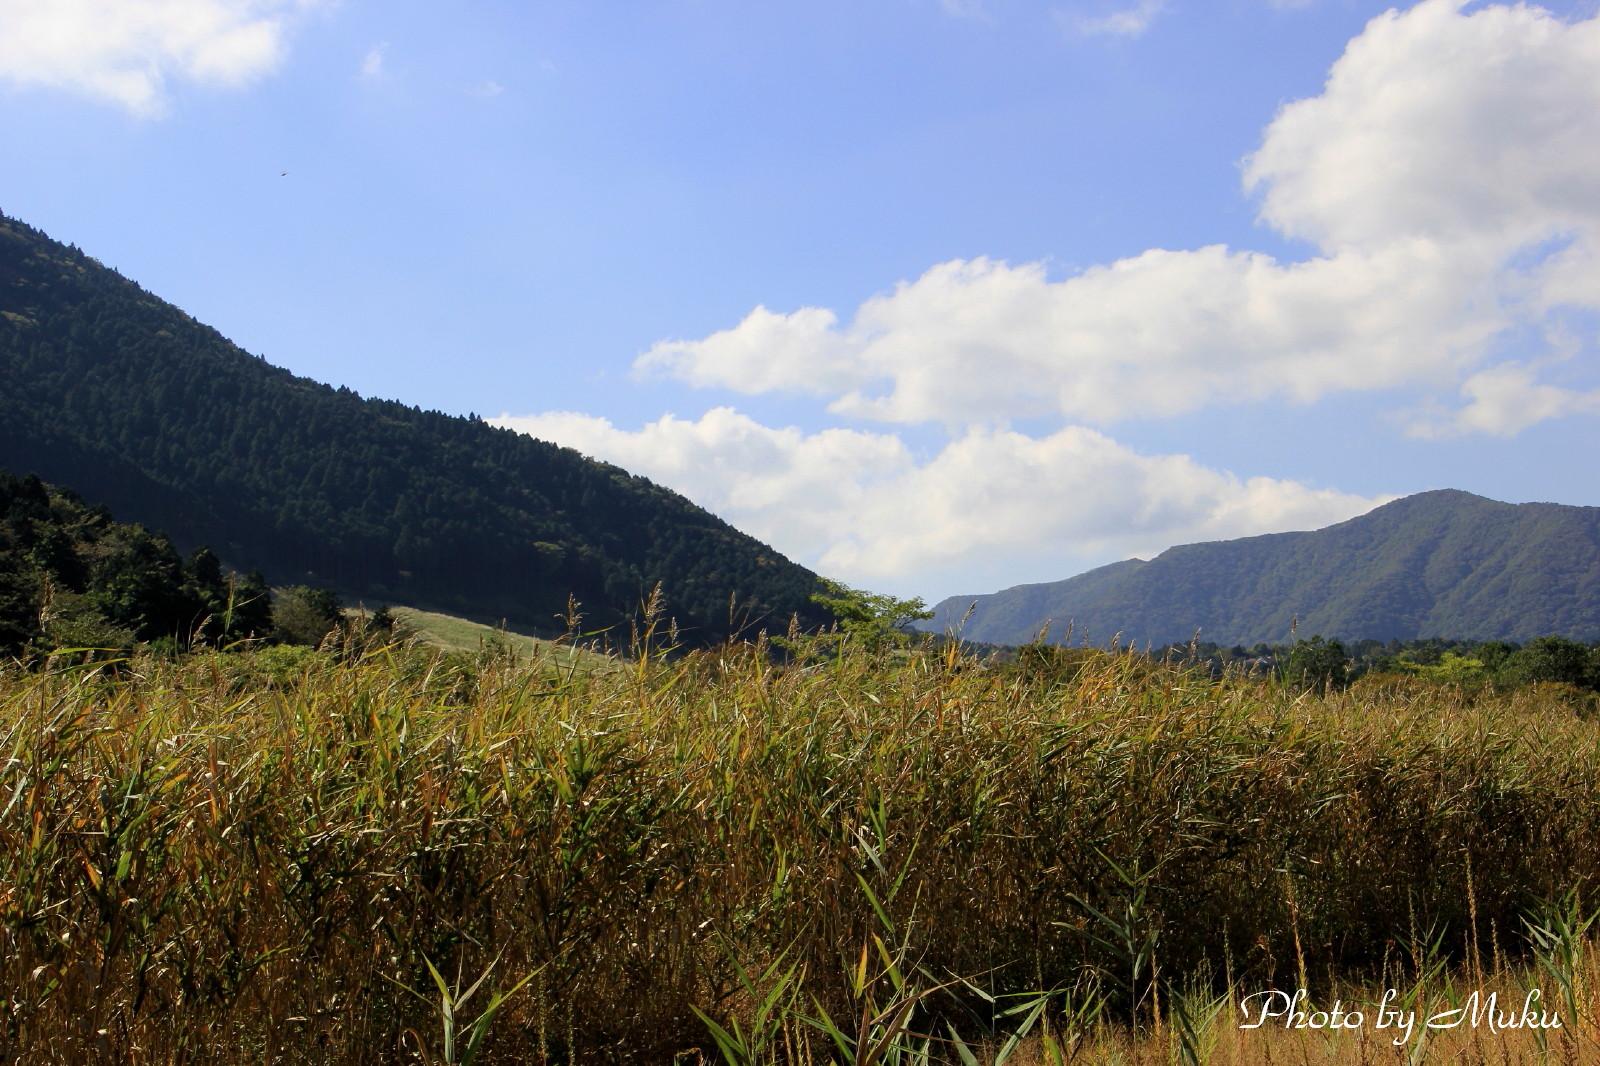 2014.10.19 湿原の葦原 (湿性花園:神奈川県下足柄郡箱根町)